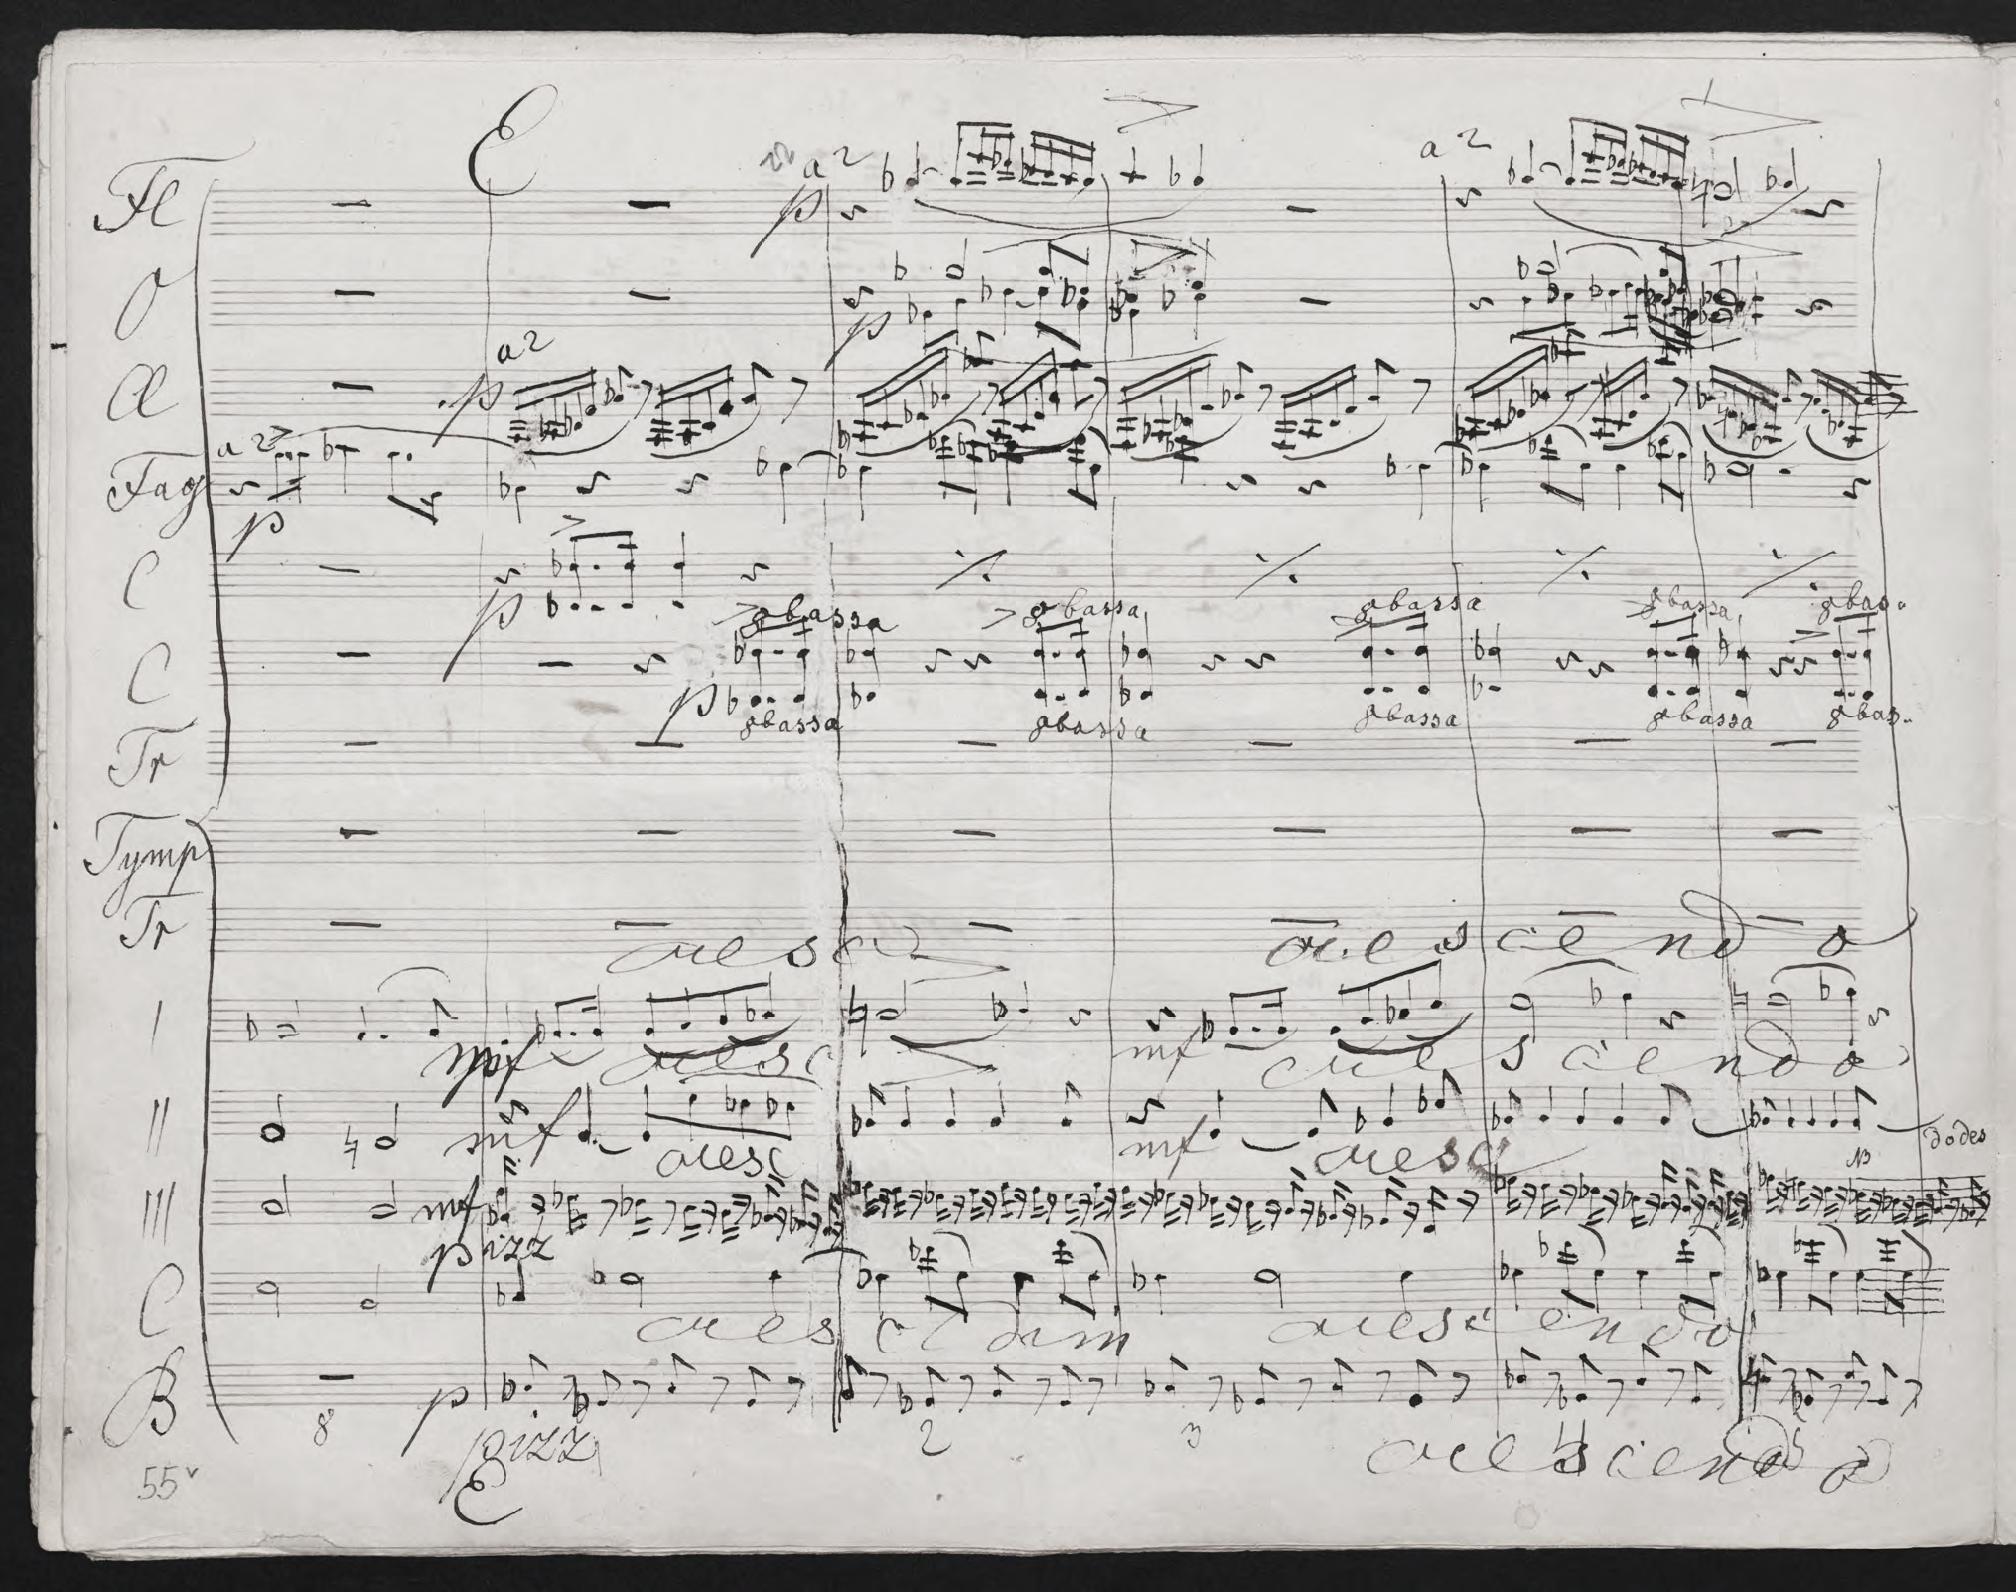 Anton Bruckner: Sinfonie Nr. 4, Detail aus dem 2. Satz (Autograph. Fassung von 1874)